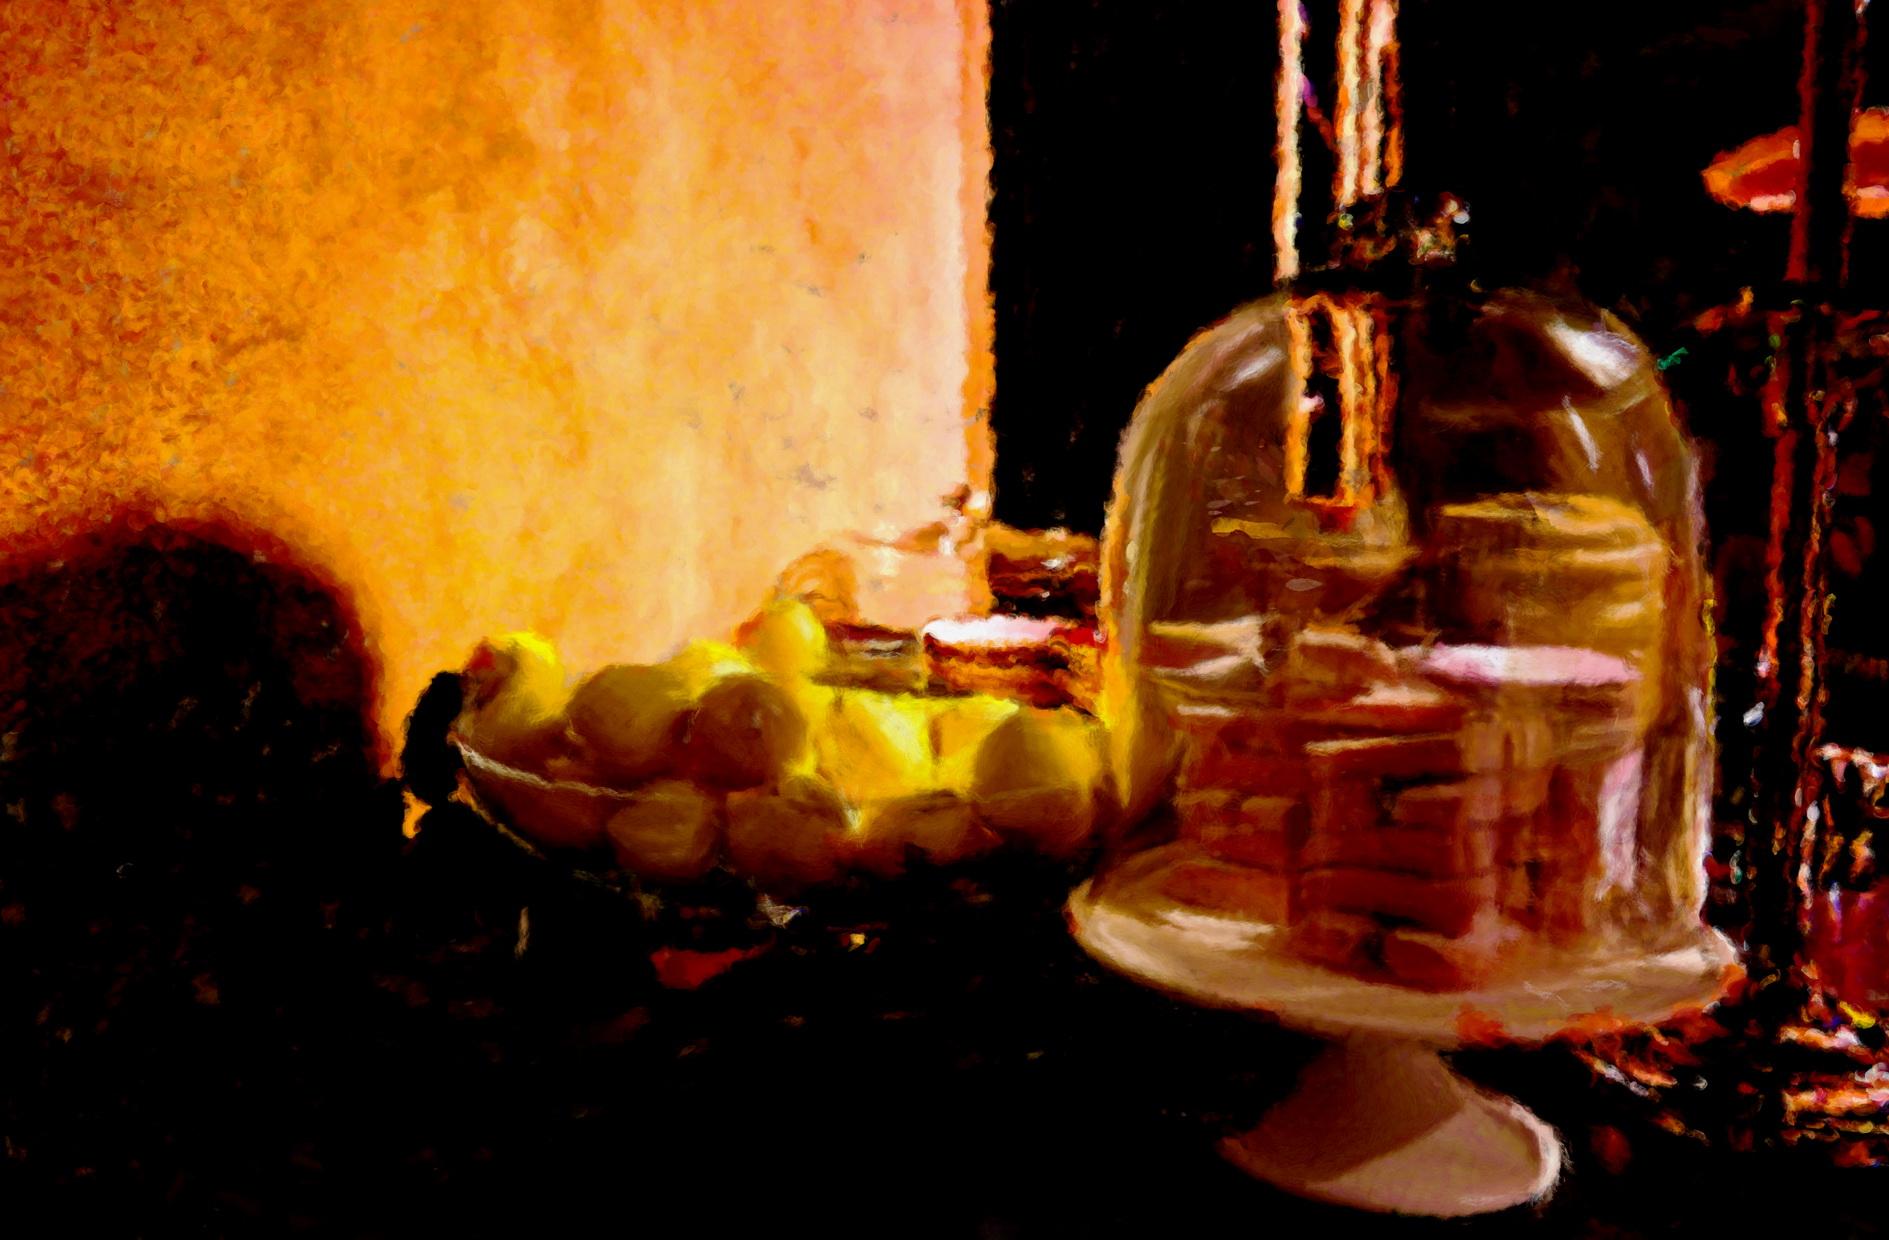 La coupe de citrons, un tableau de l'artiste Belge Laure Van De Meele, inspiration Flamant Interiors